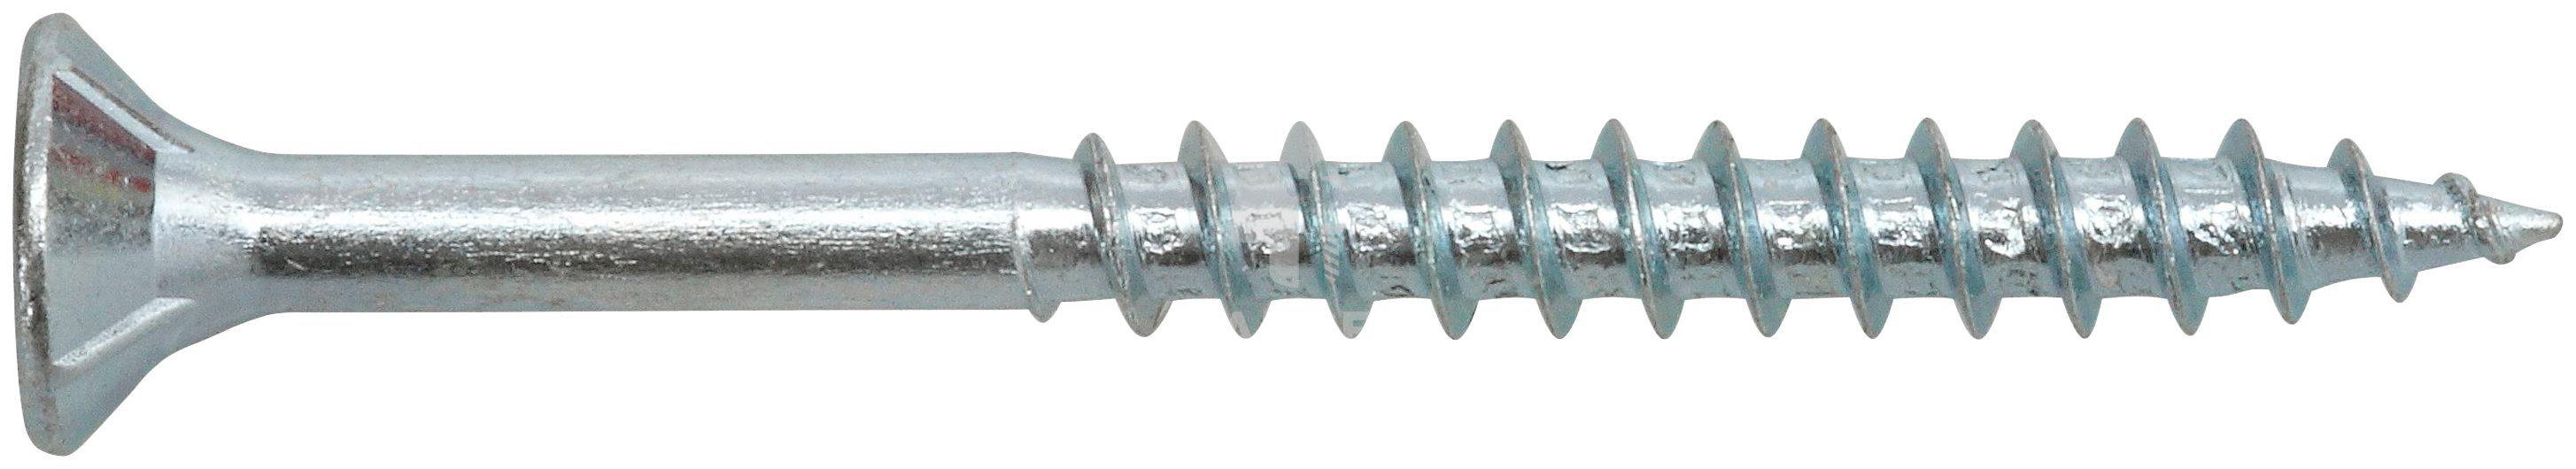 RAMSES Schrauben , Spanplattenschrauben 6 x 90 mm 50 Stk.